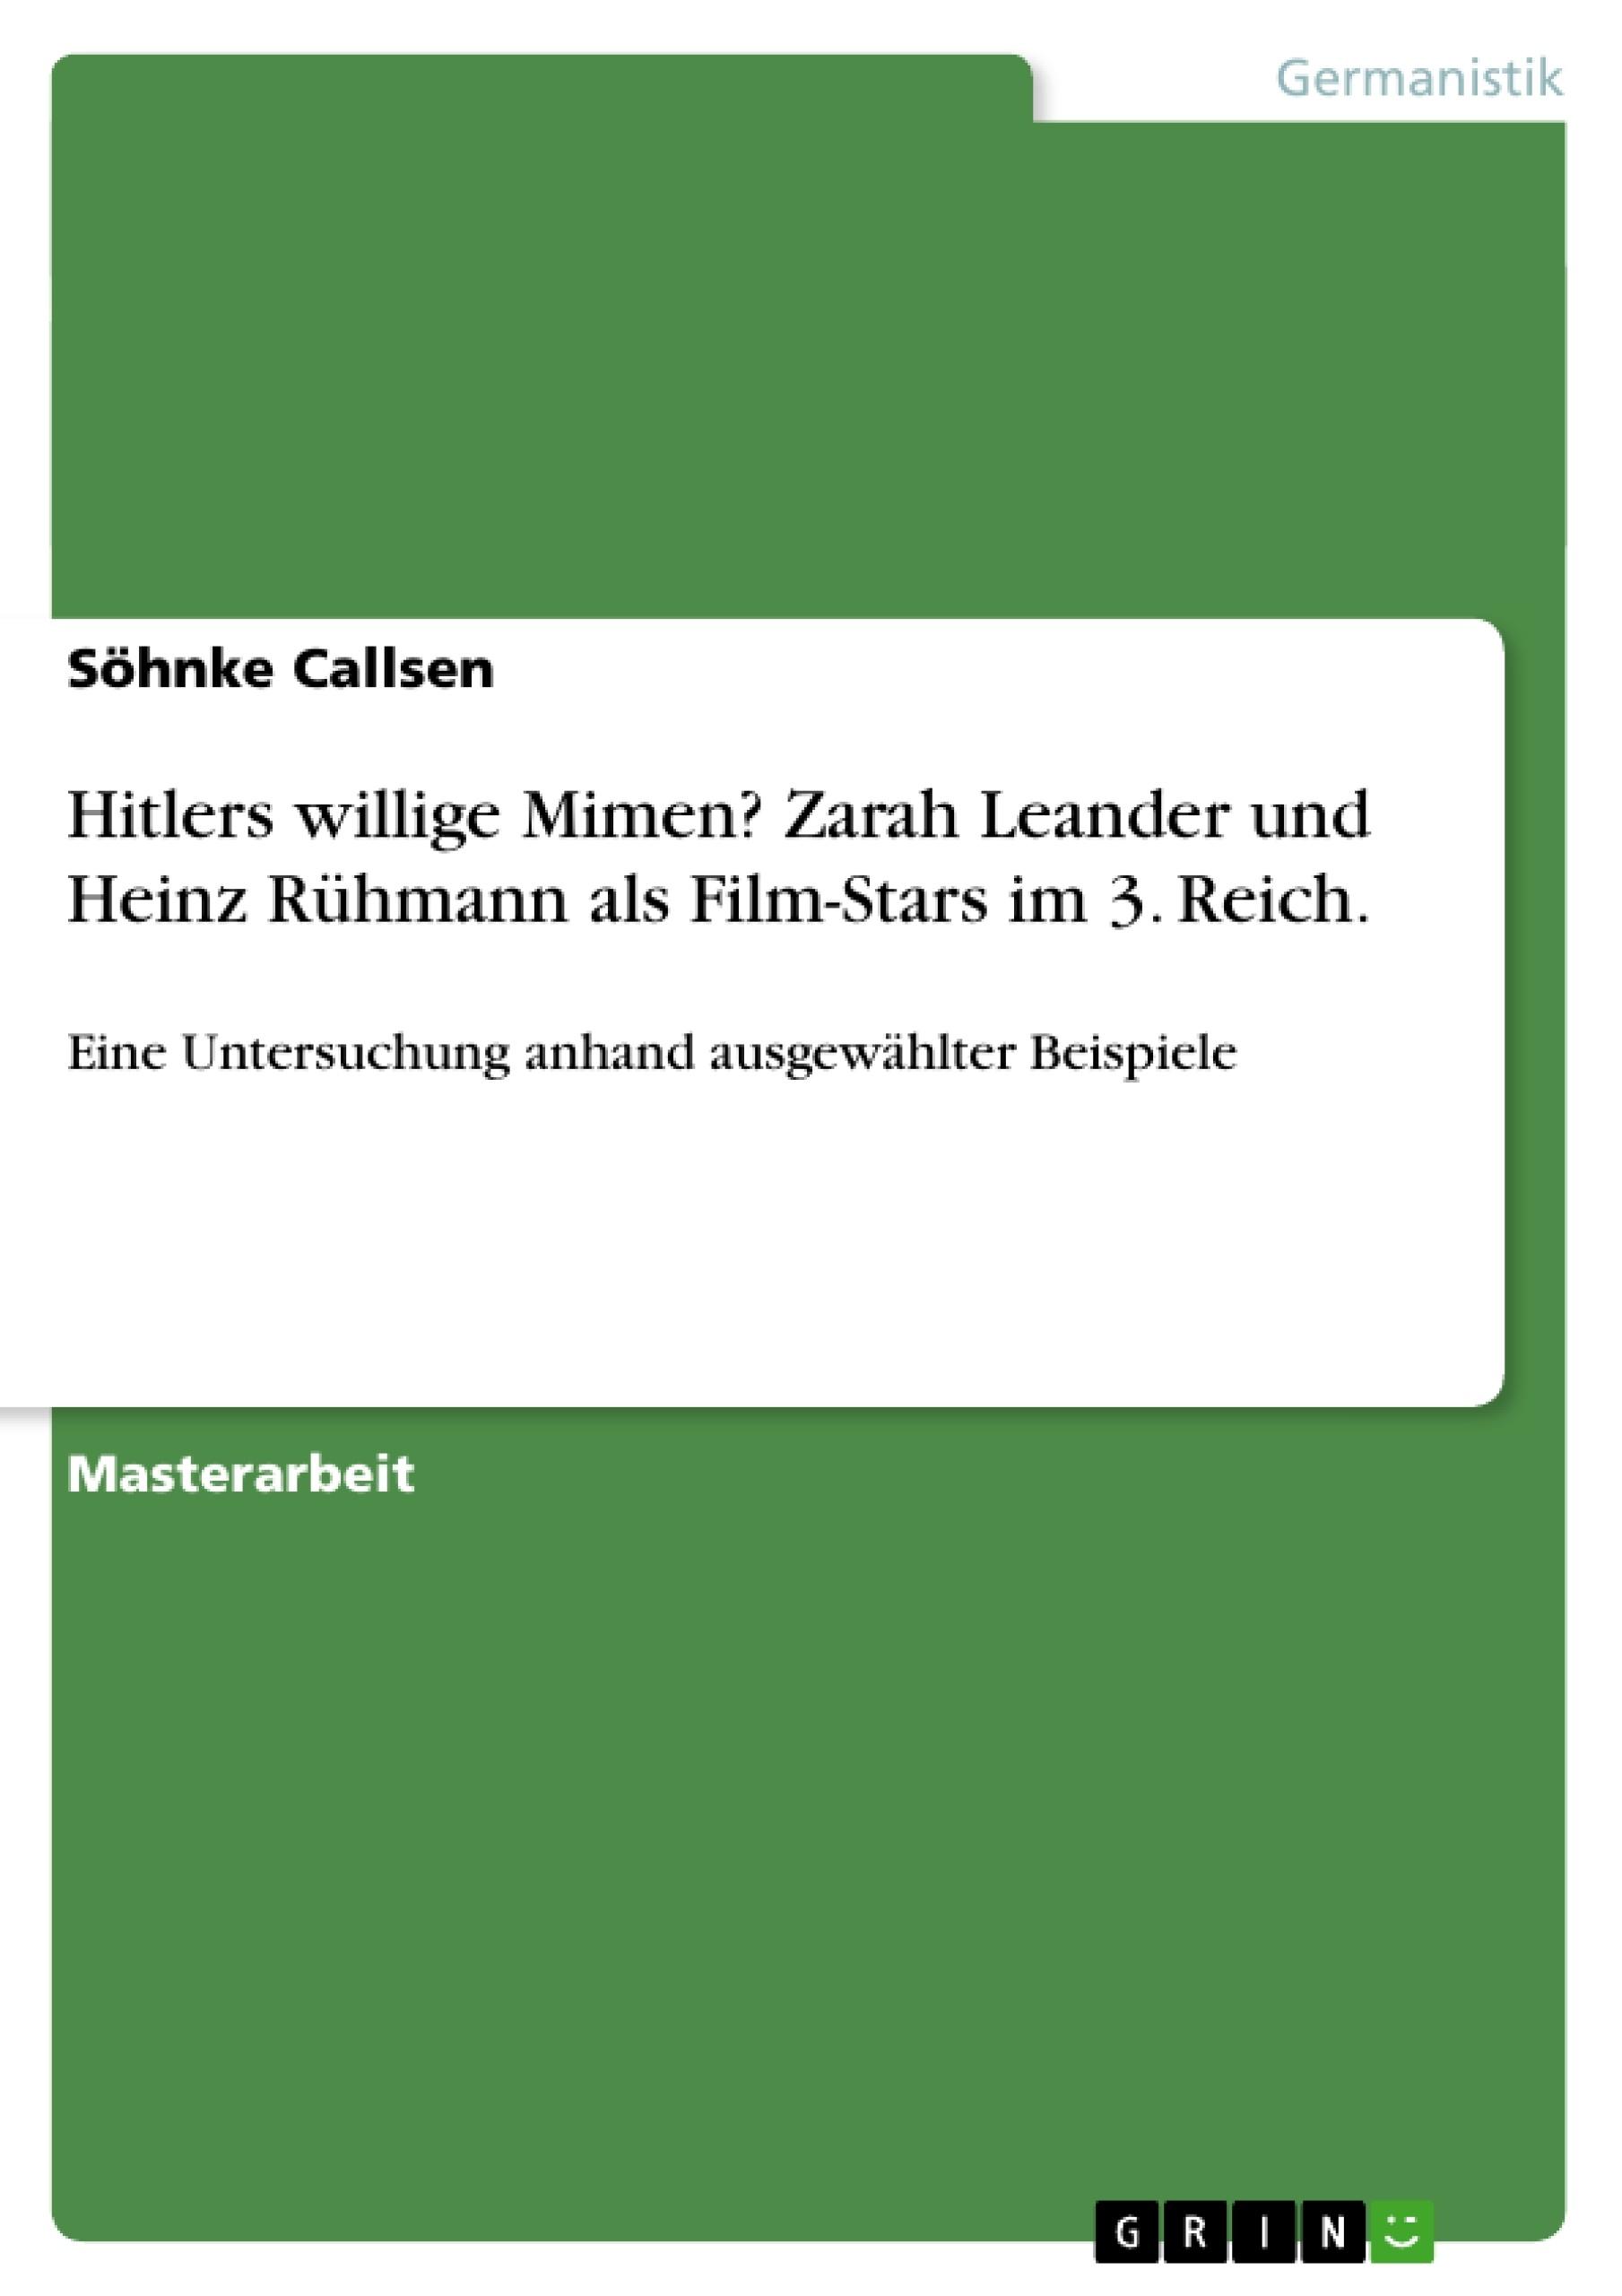 Titel: Hitlers willige Mimen? Zarah Leander und Heinz Rühmann als Film-Stars im 3. Reich.